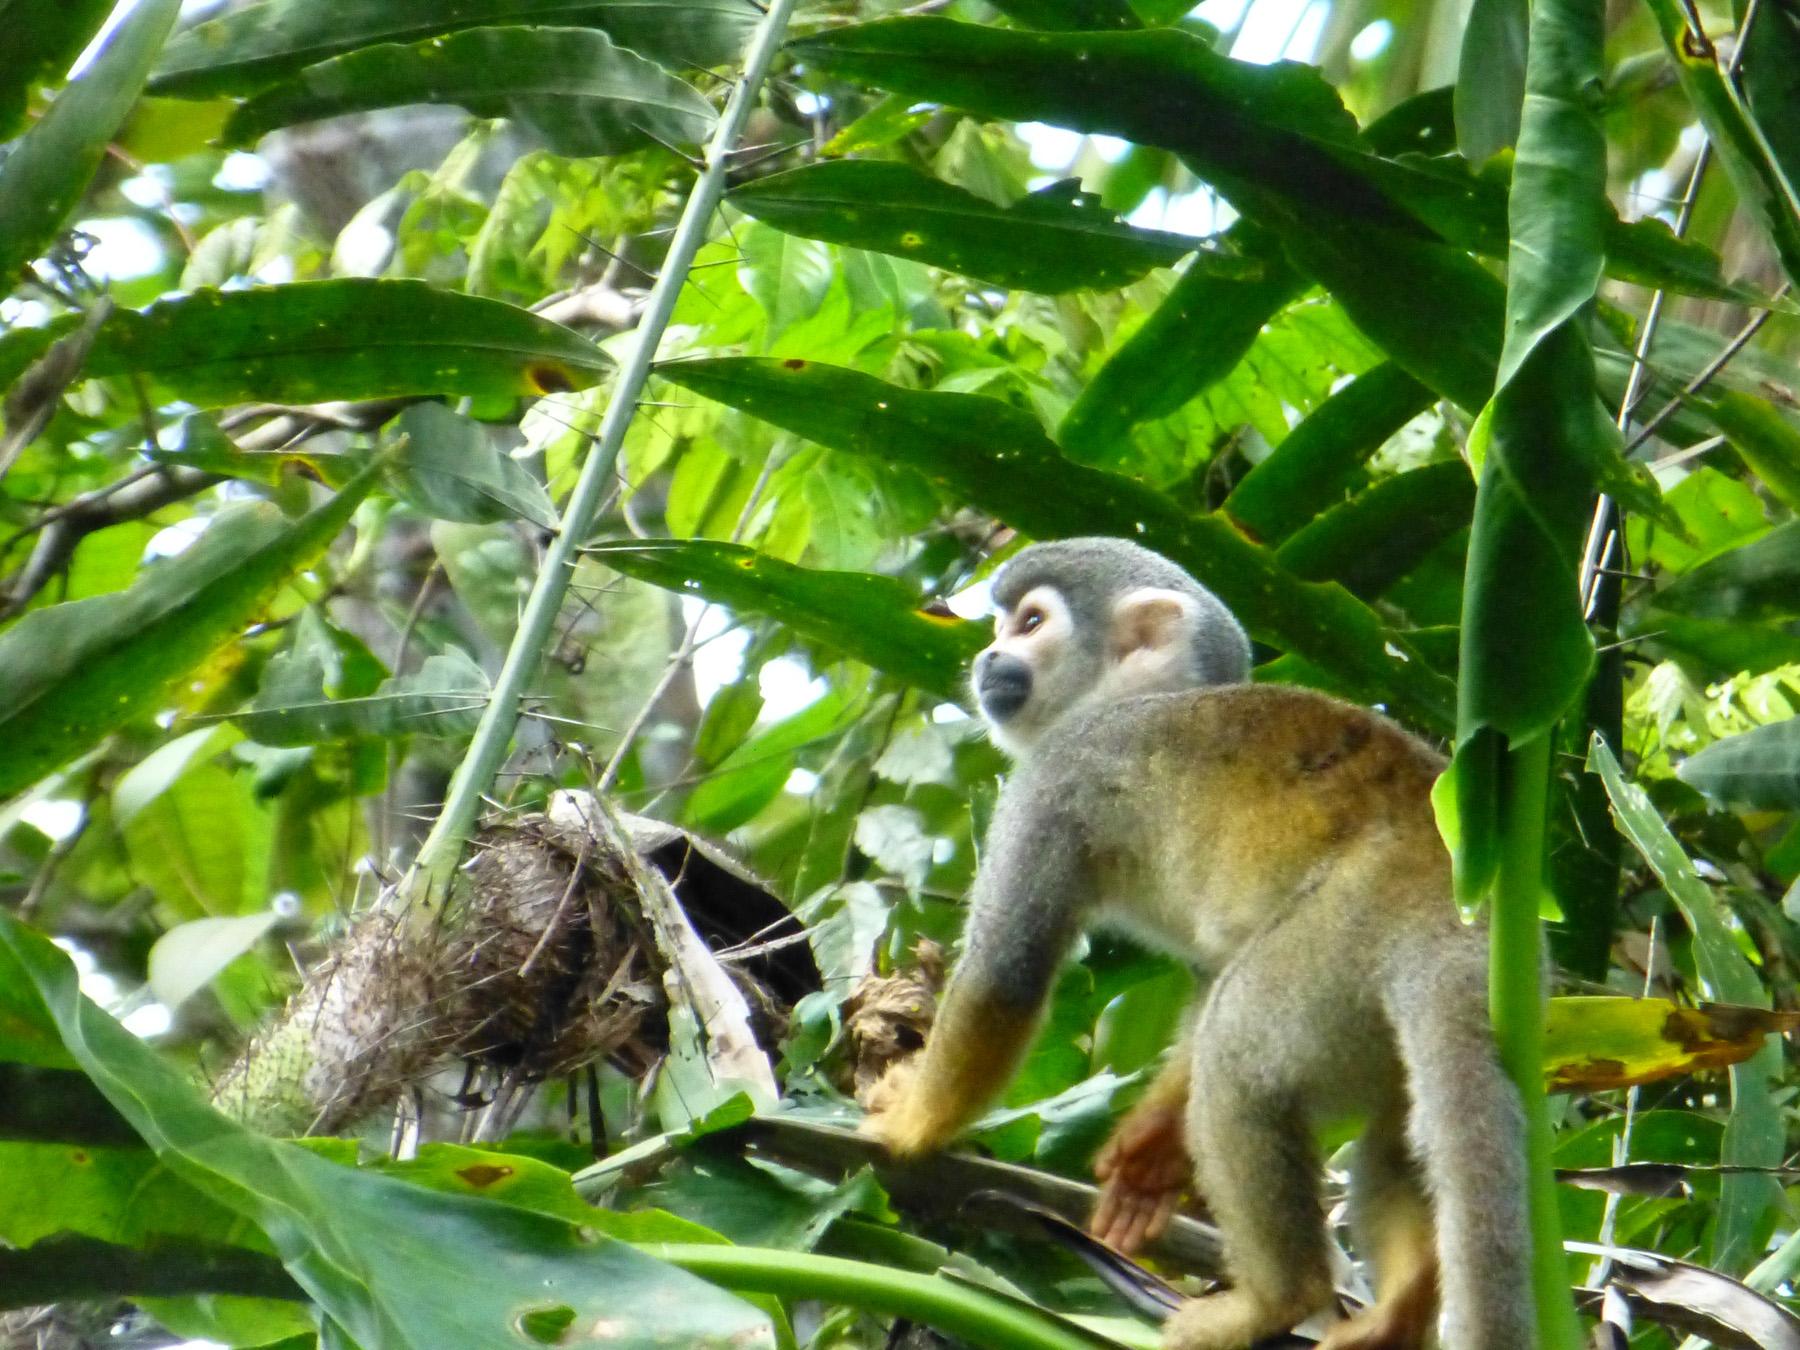 Adorable Primate